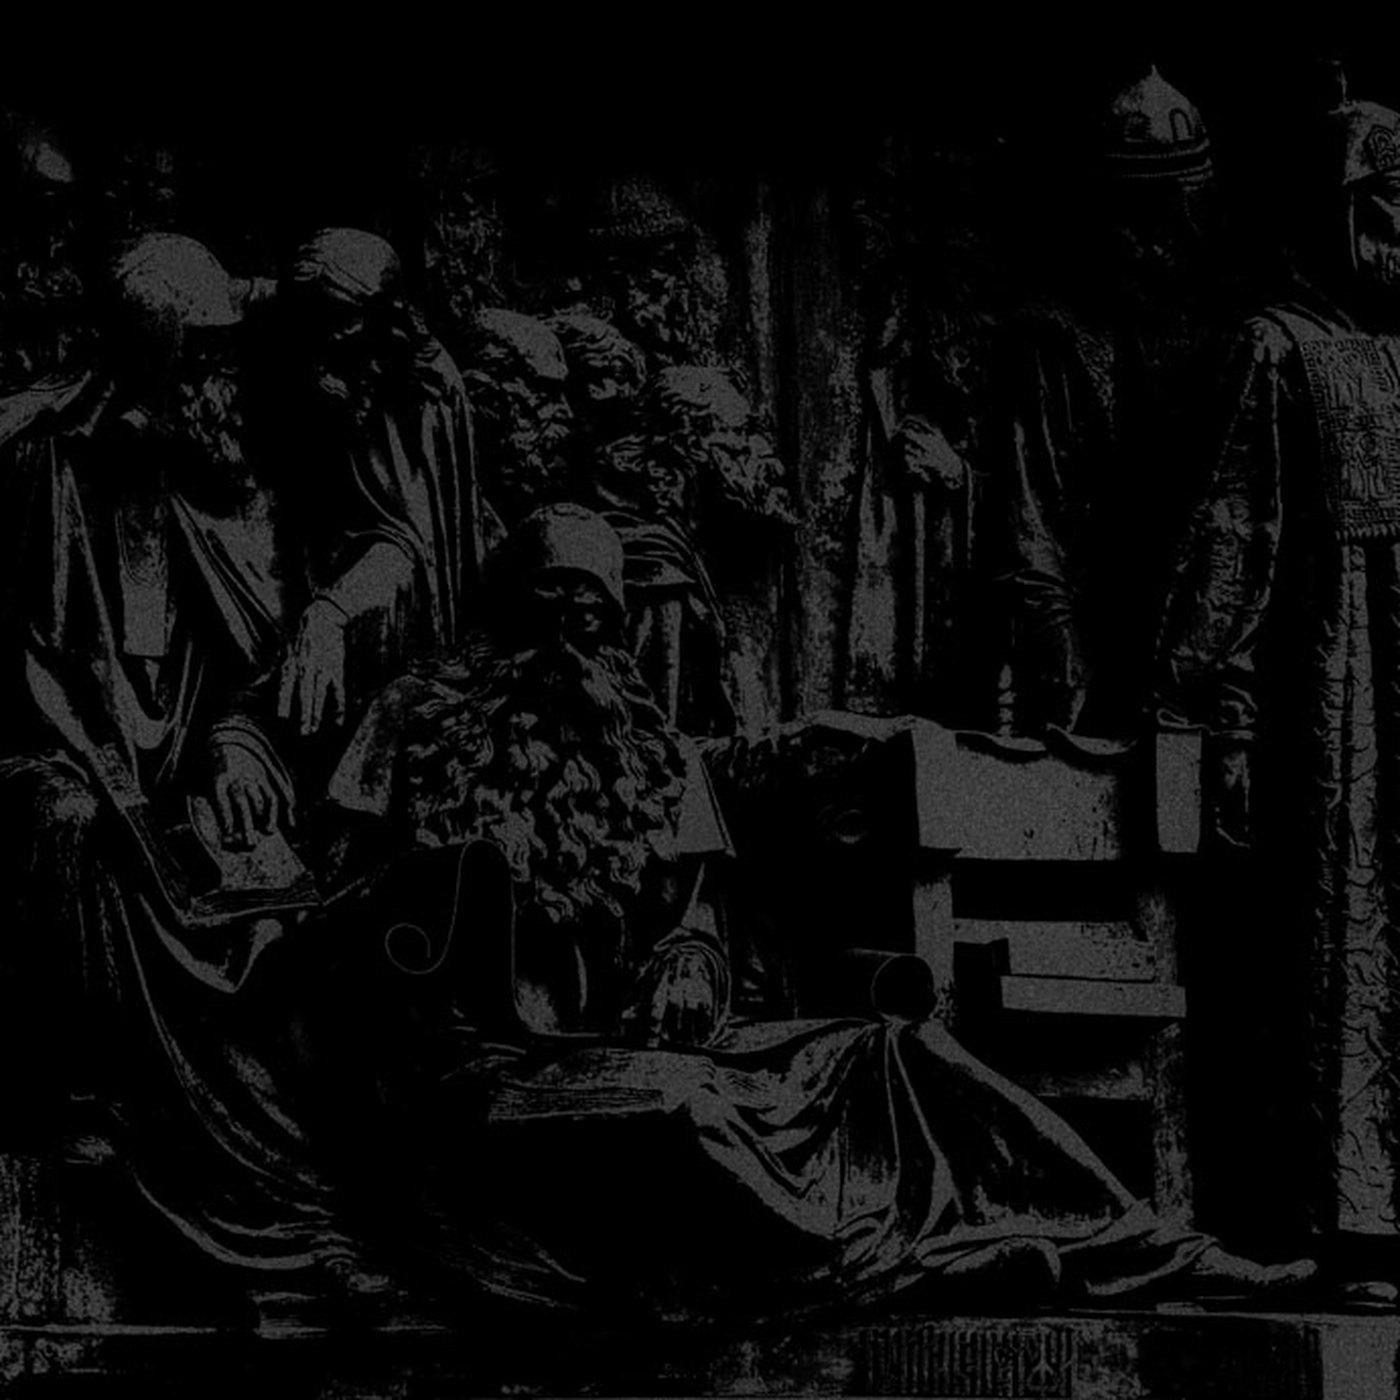 Октябрь 1964-го: кто пришел после Хрущева